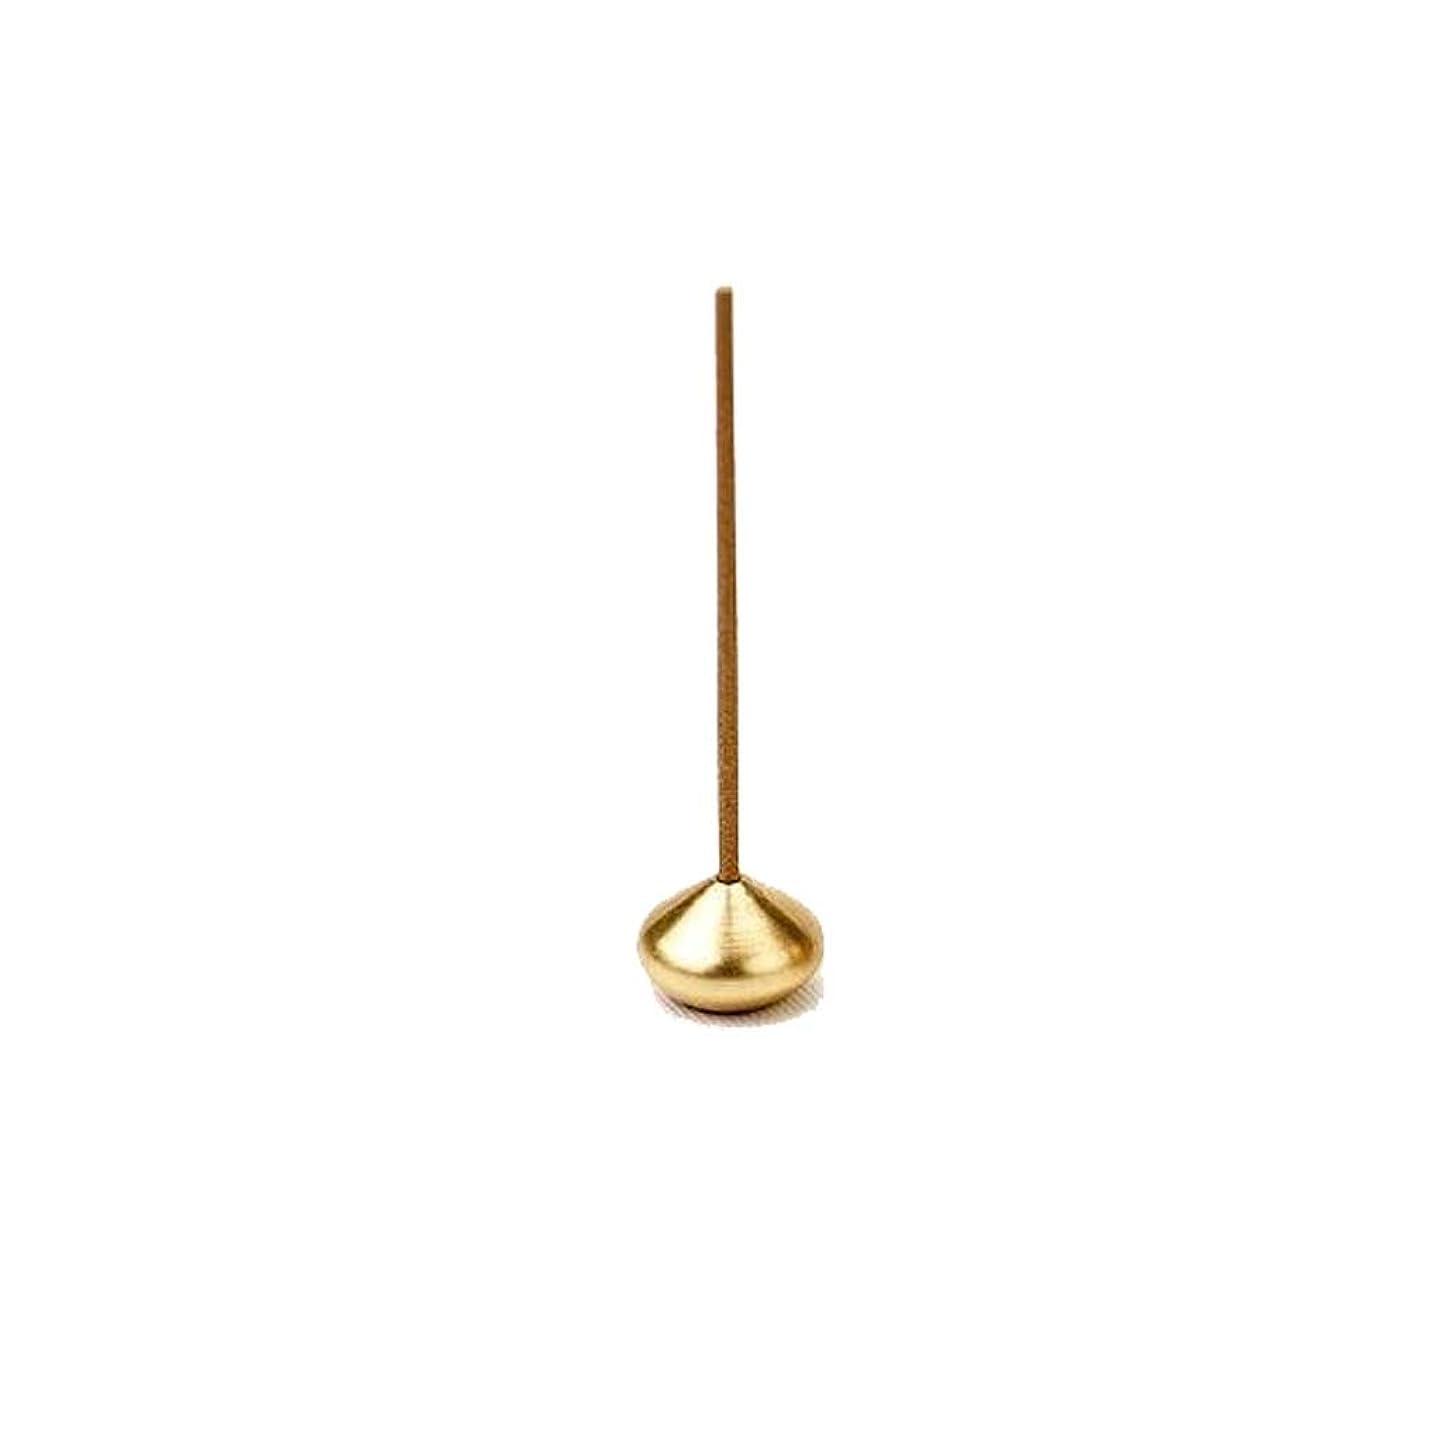 放棄された真珠のような罰する銅香炉ラウンドひょうたん型香スティックコイルボトルバーナーホルダー多孔性香ホルダーホームフレグランス (Color : B)